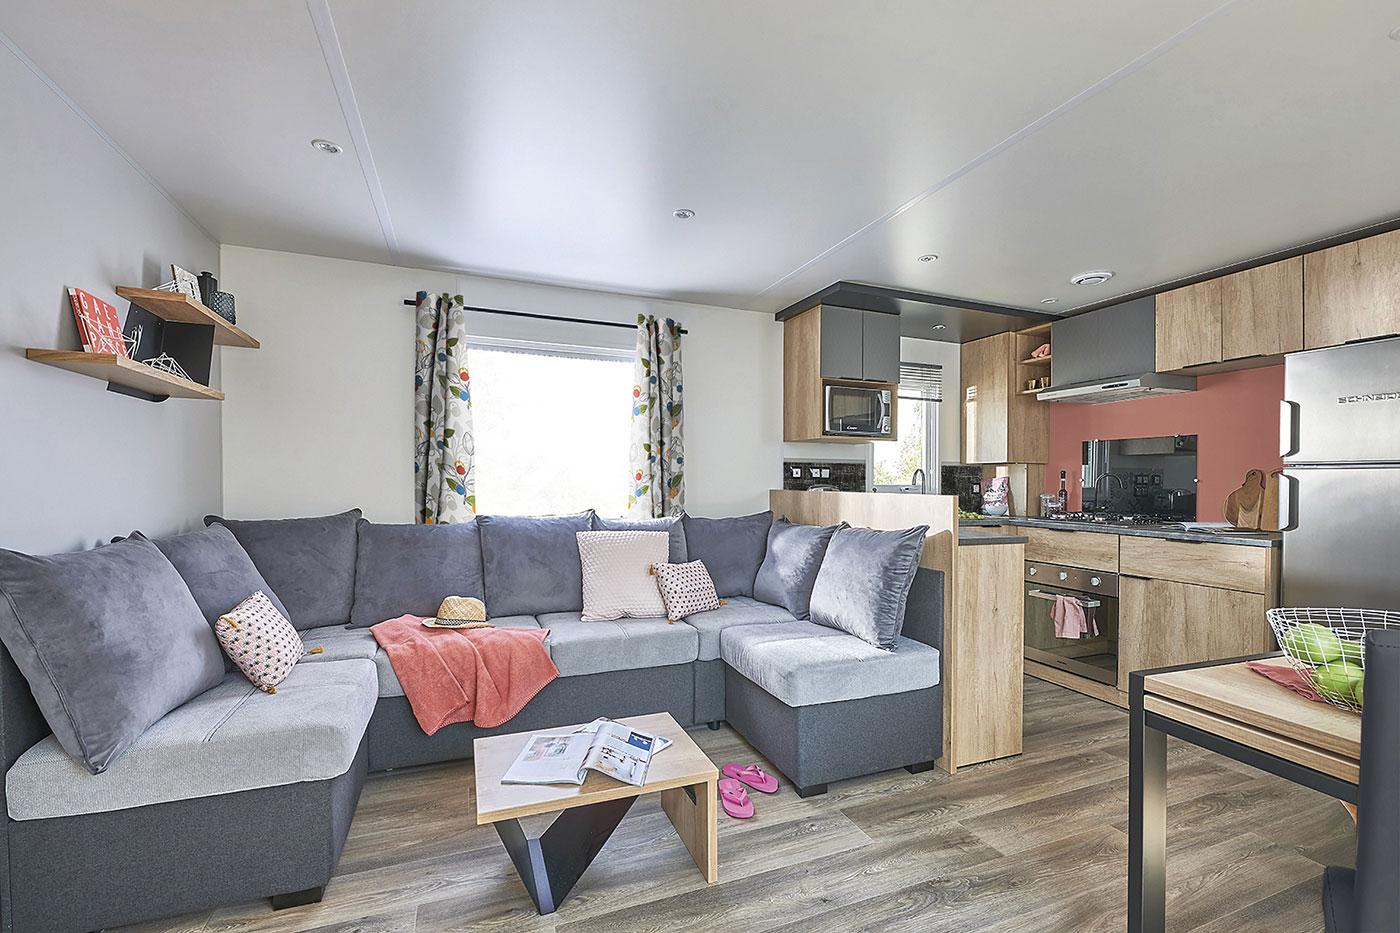 Salon spacieux et élégant vente de mobil home Bidart Camping Le Ruisseau